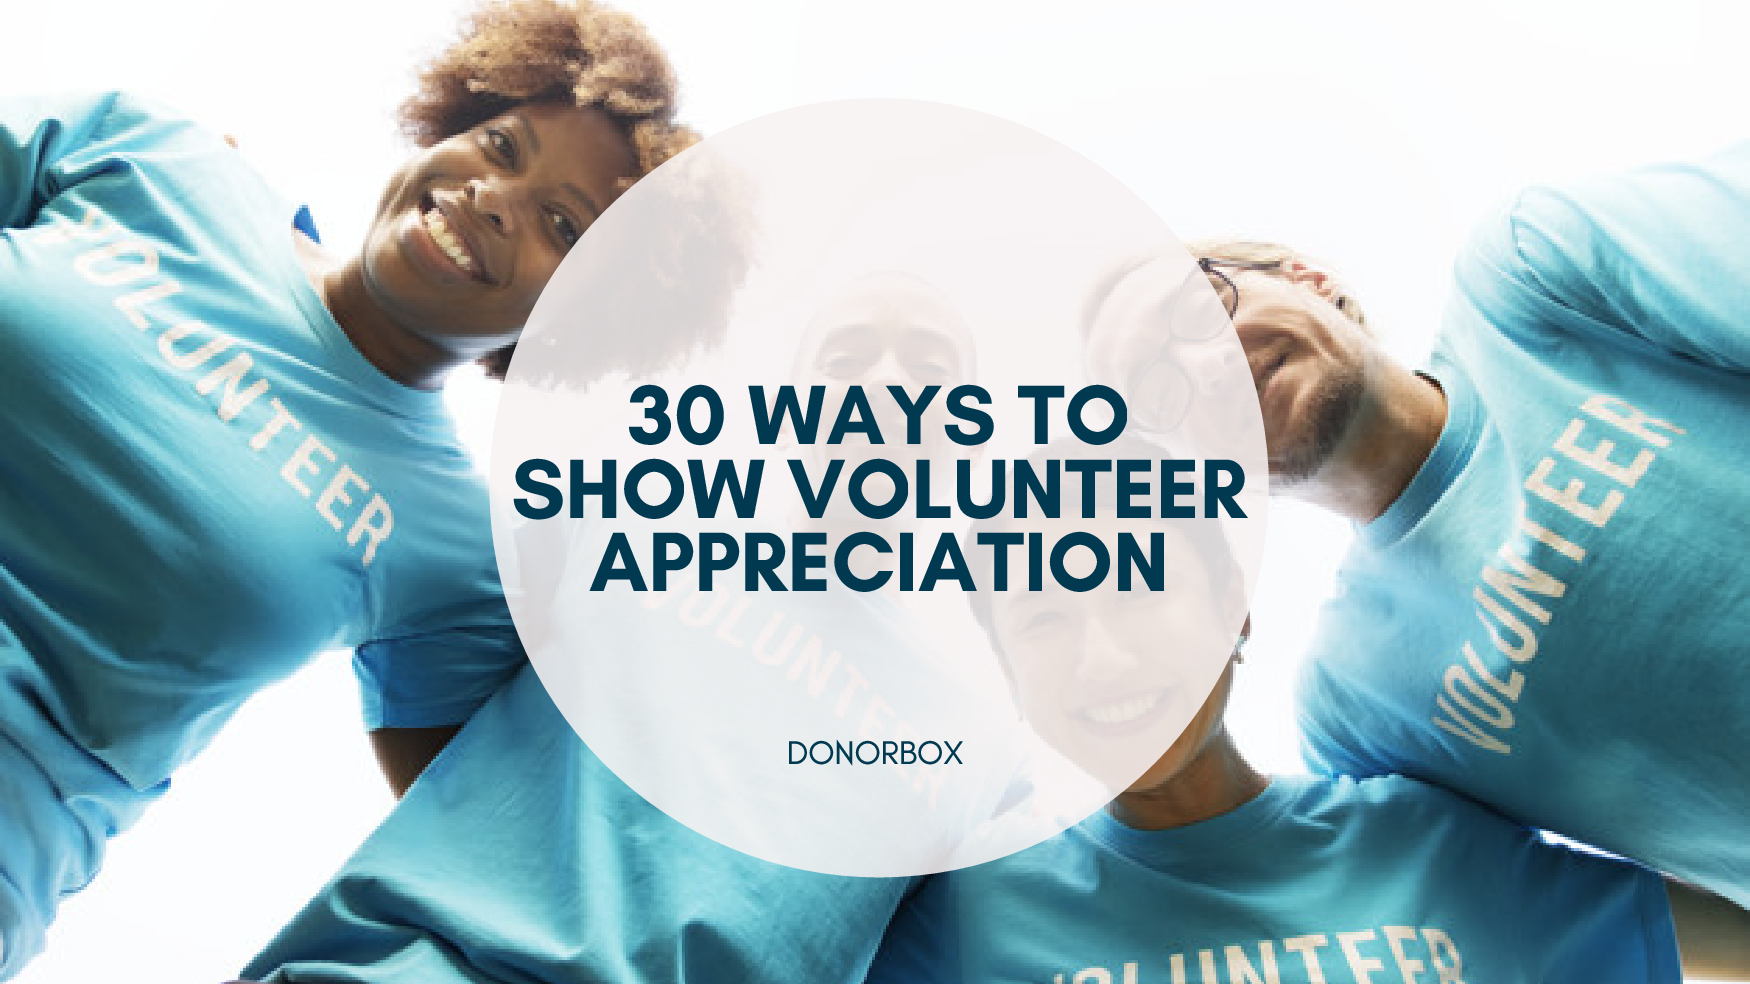 Show Volunteer Appreciation